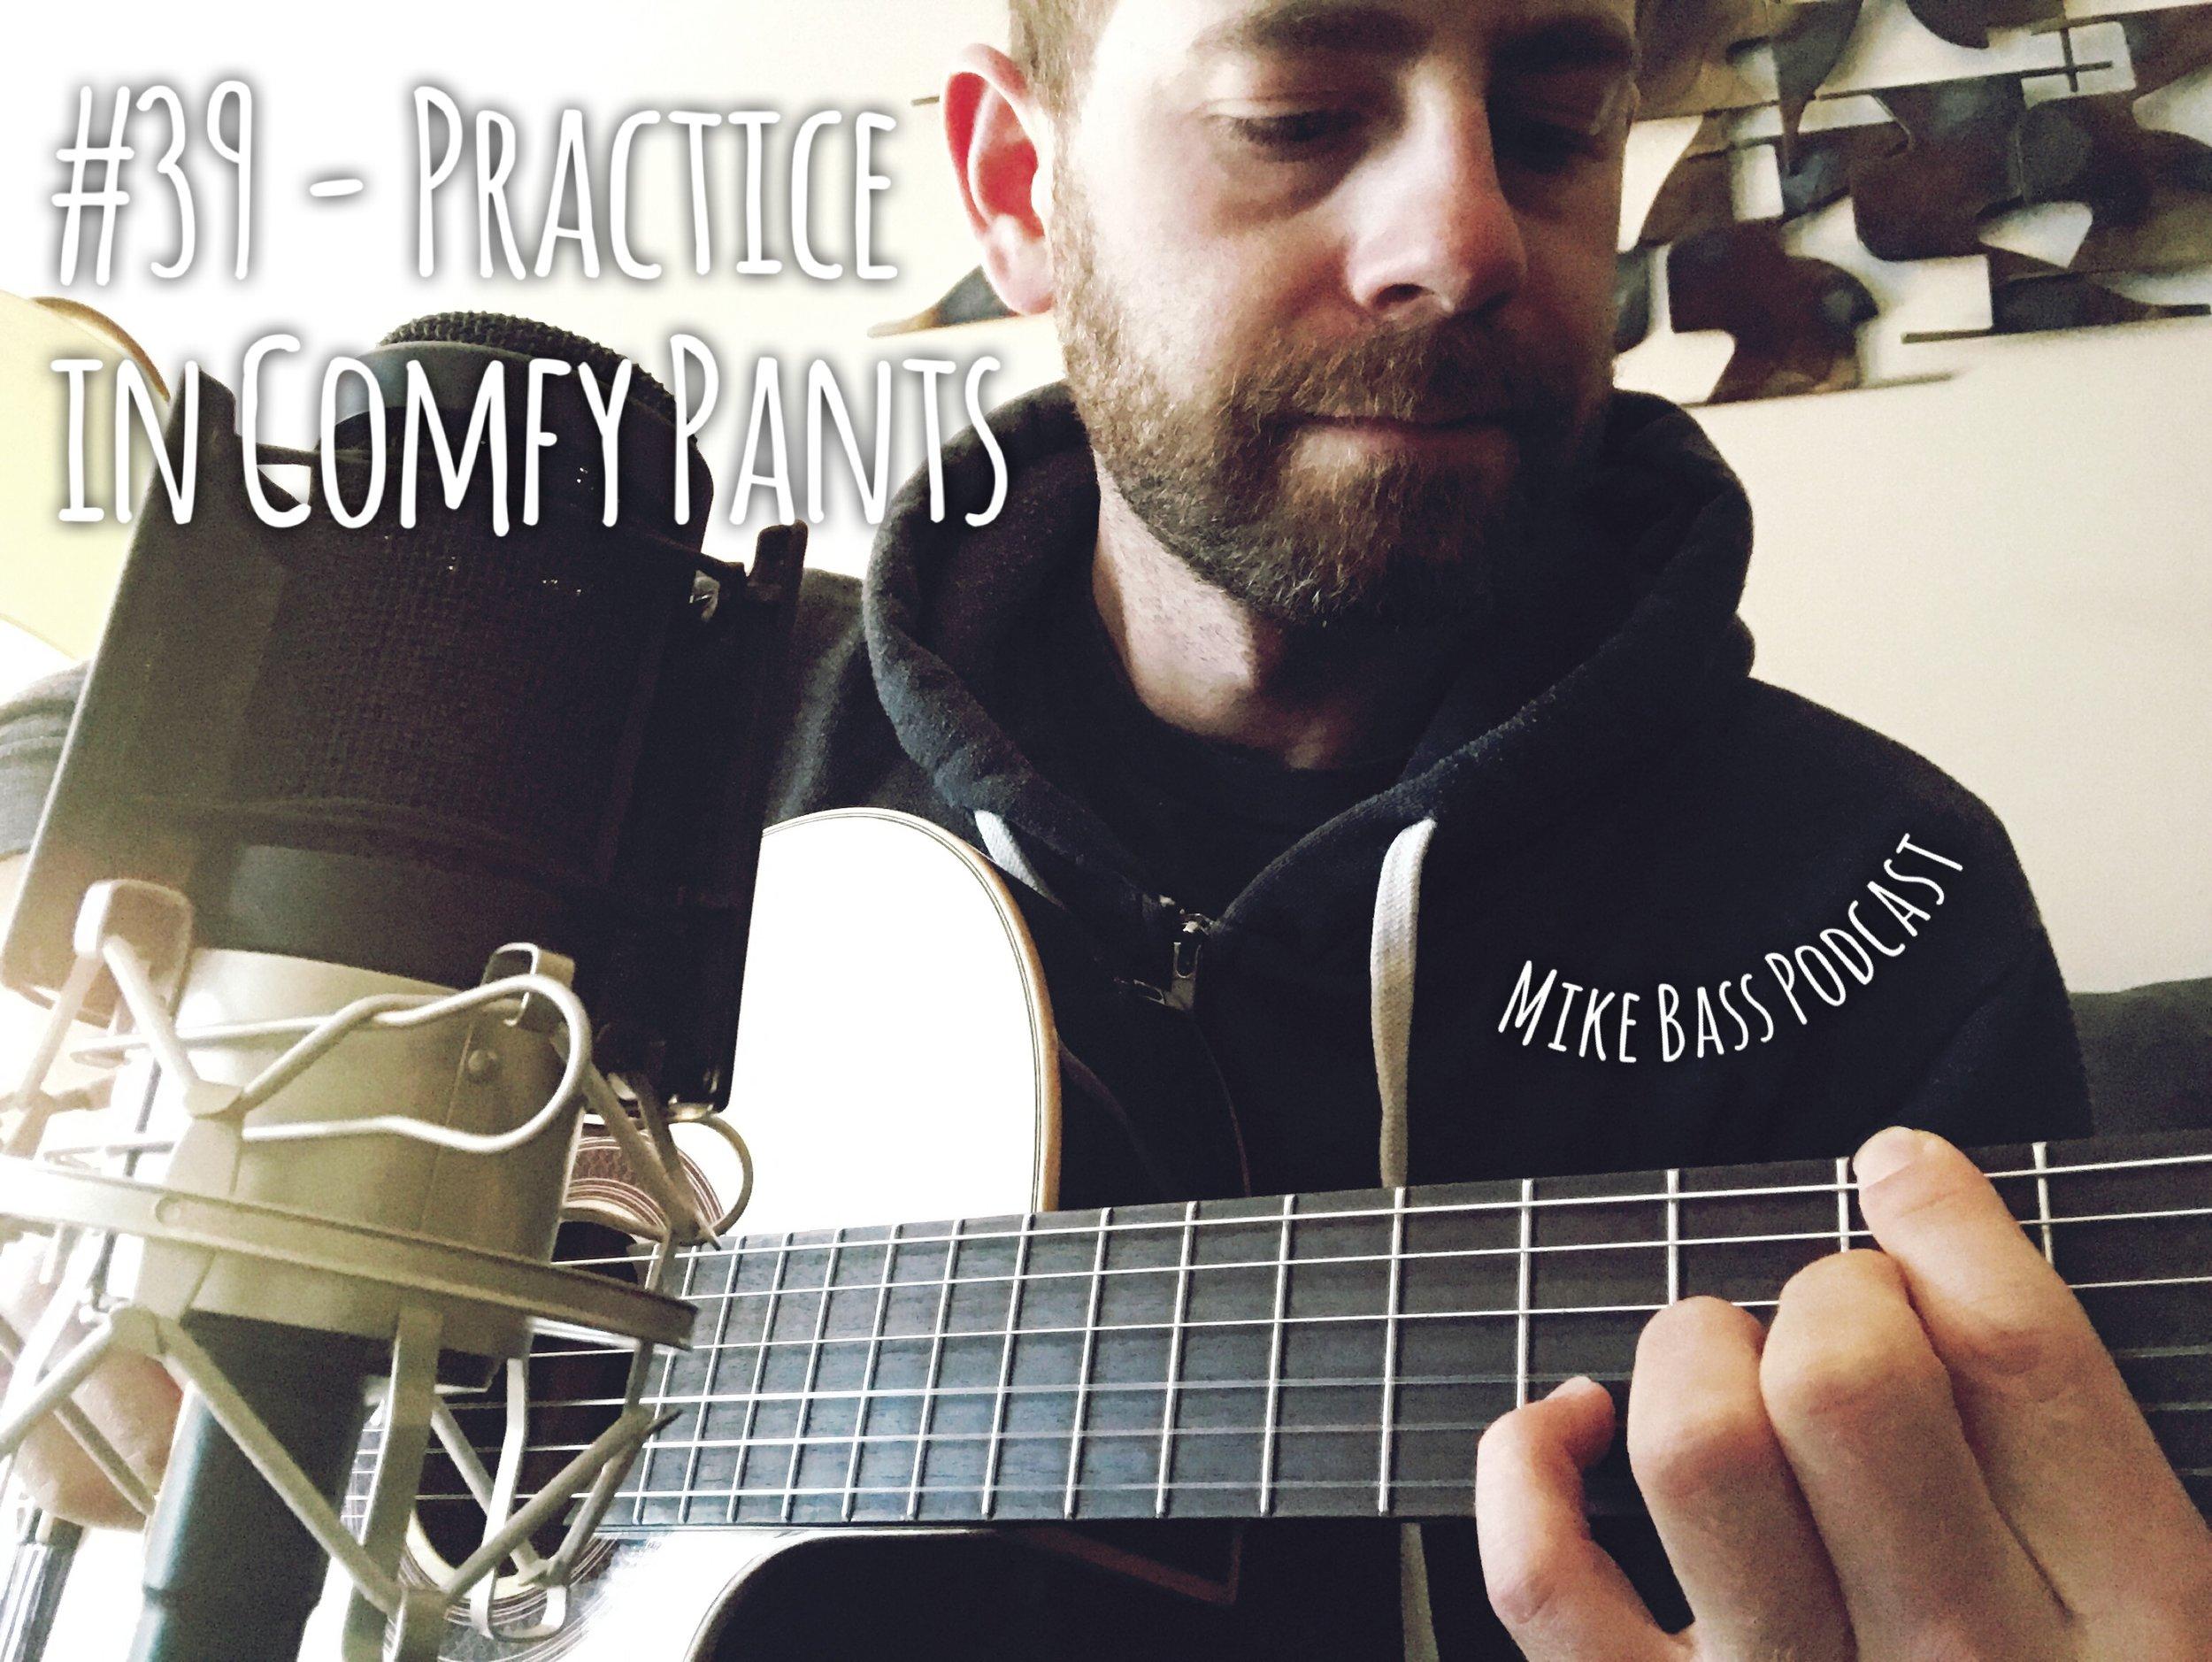 me_practice_in_comfy_pants.JPG